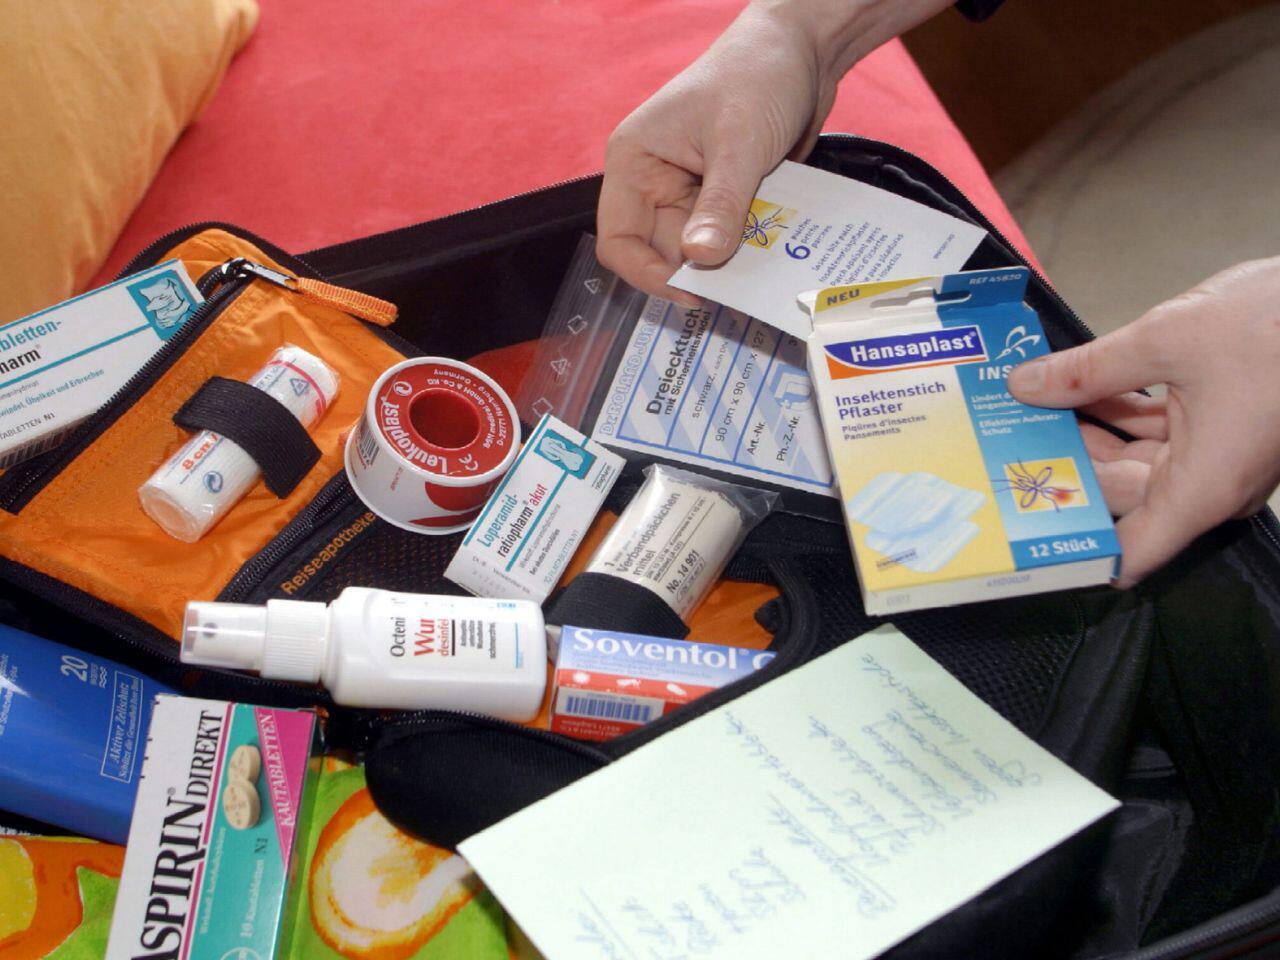 Необходимые лекарственные средства во время путешествия?